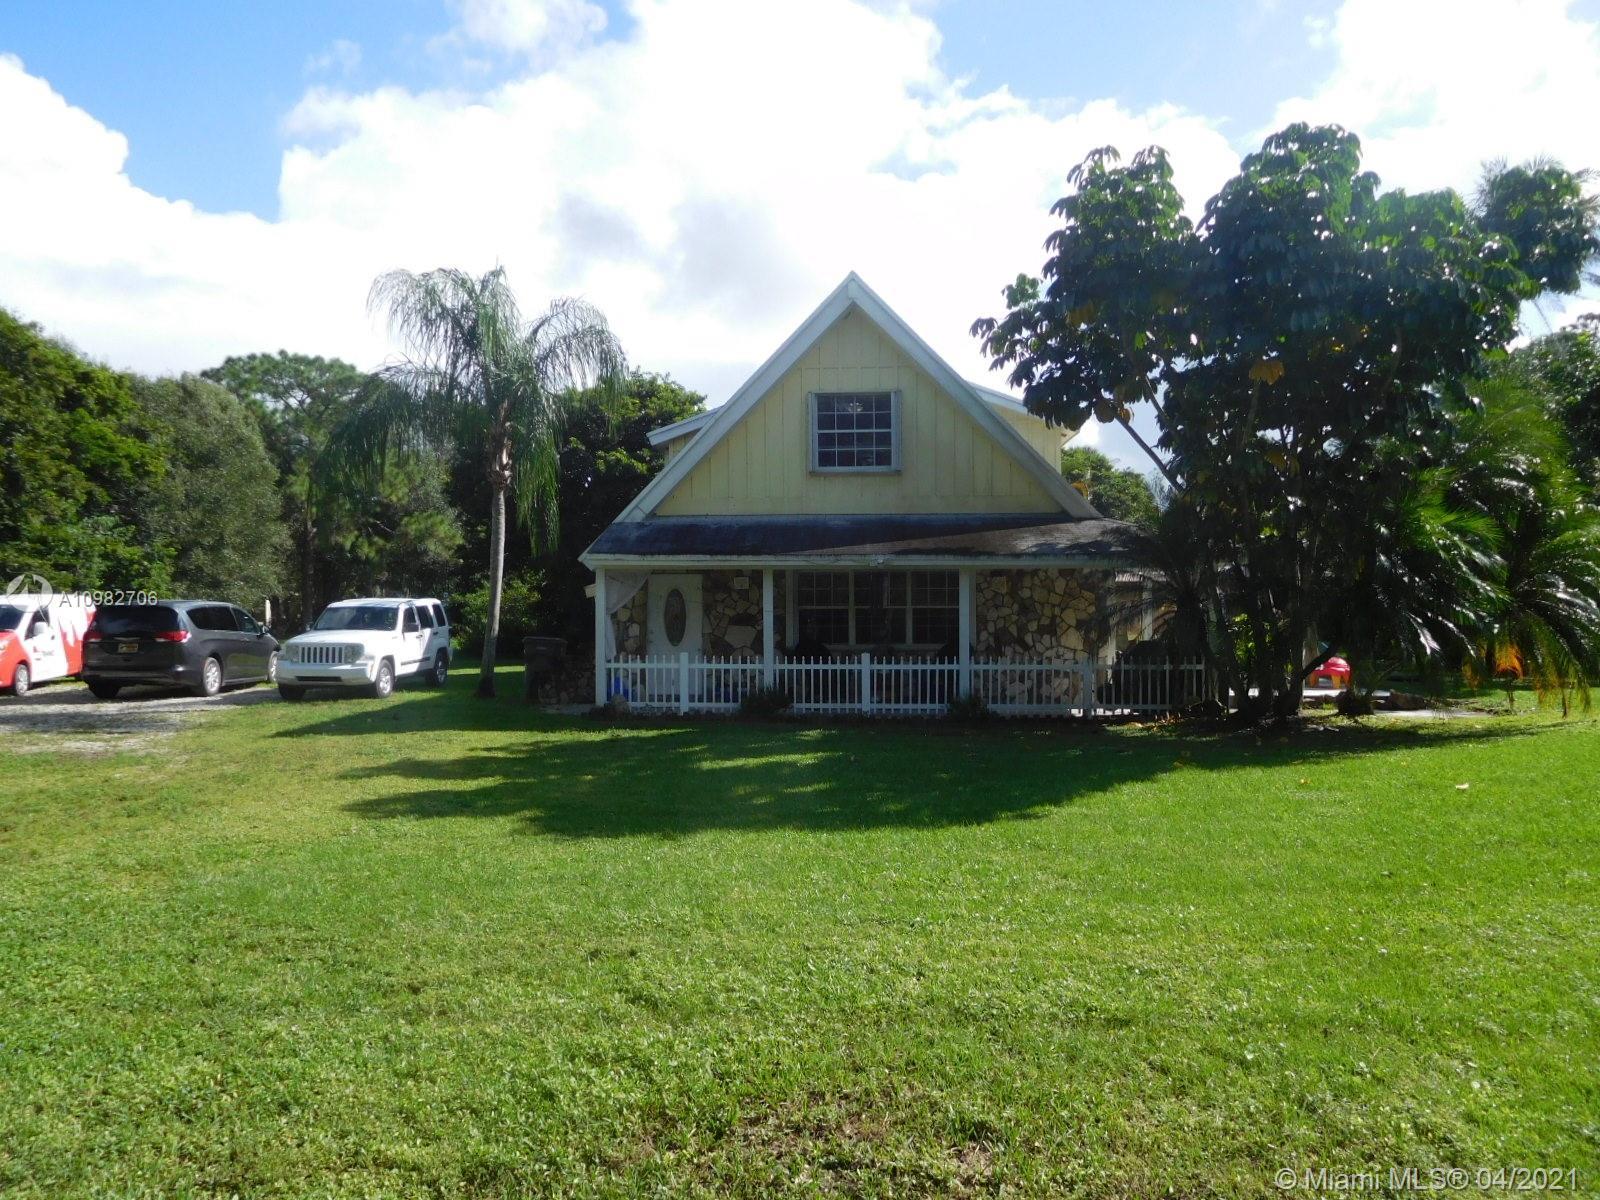 17266 N 133rd Trl N, Jupiter, Florida 33478, 3 Bedrooms Bedrooms, ,2 BathroomsBathrooms,Residential,For Sale,17266 N 133rd Trl N,A10982706